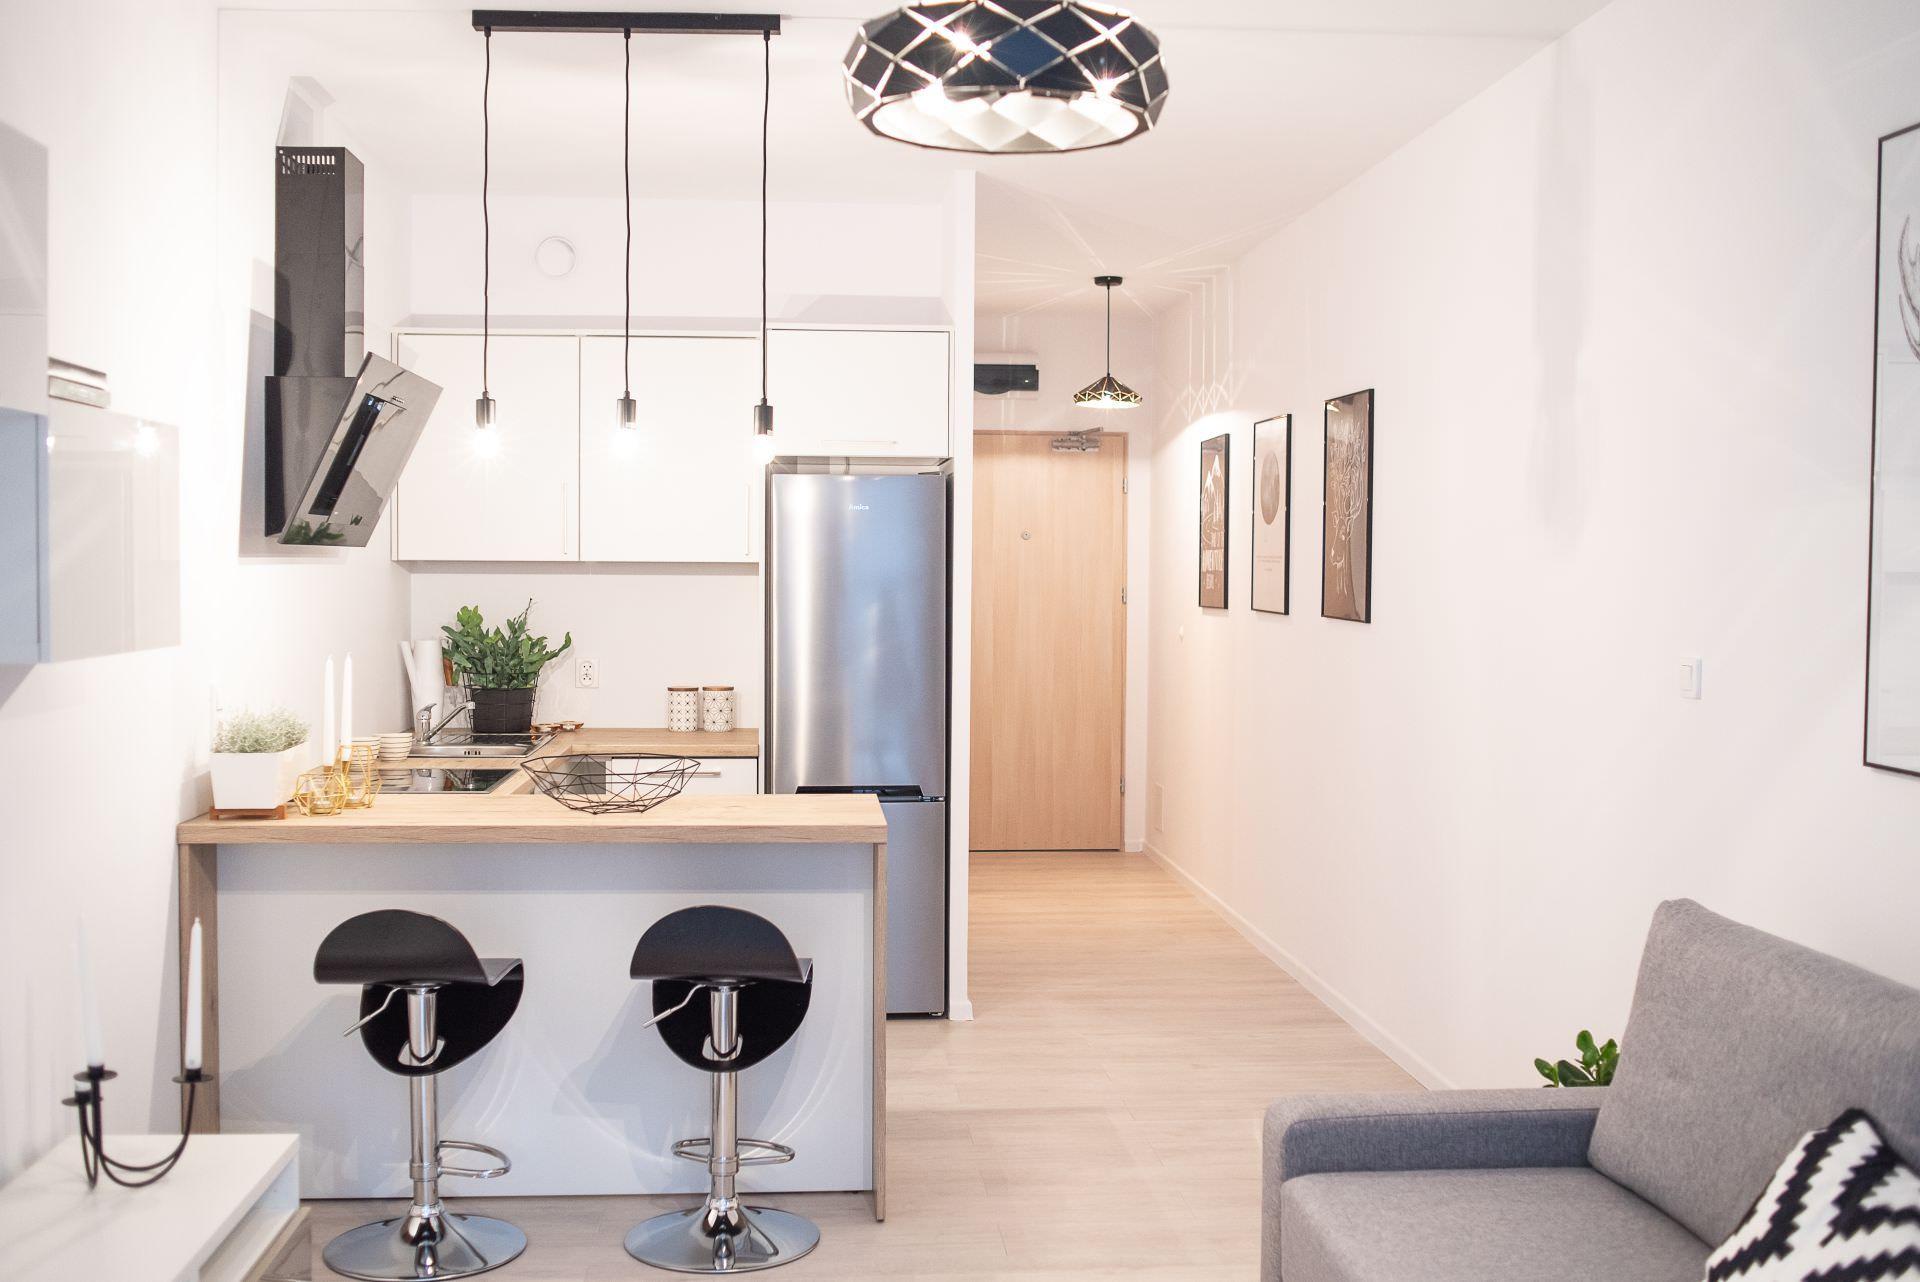 Nasza Nowa Kawalerka Stworzona Na Zamowienie Pod Klienta Gotowa Do Zamieszkania Mieszkanie Mieszkania Kawalerka Mieszkanias Home Decor Furniture Decor